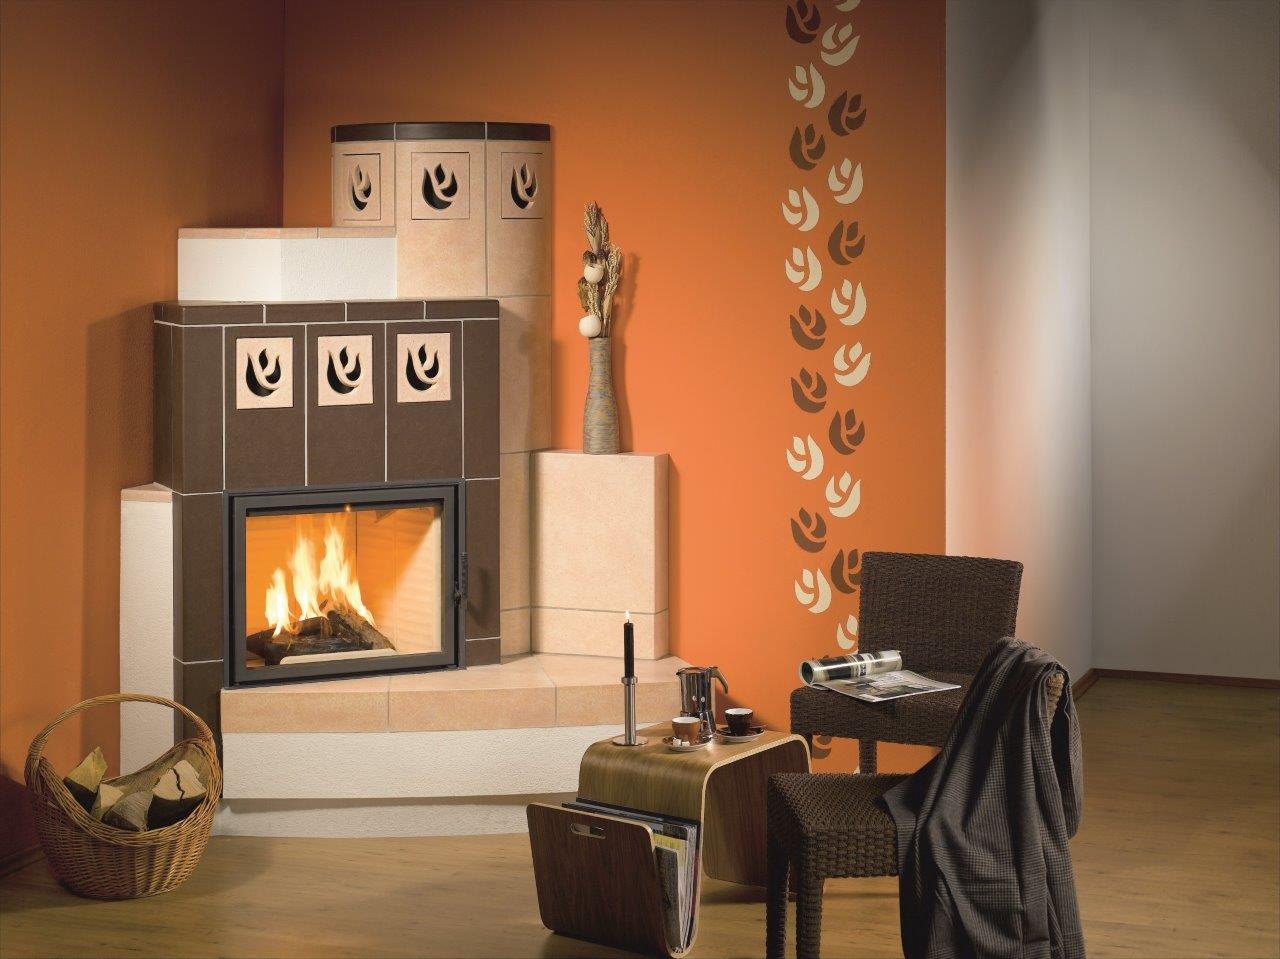 moderne kachel fen innung des kachelofen und. Black Bedroom Furniture Sets. Home Design Ideas